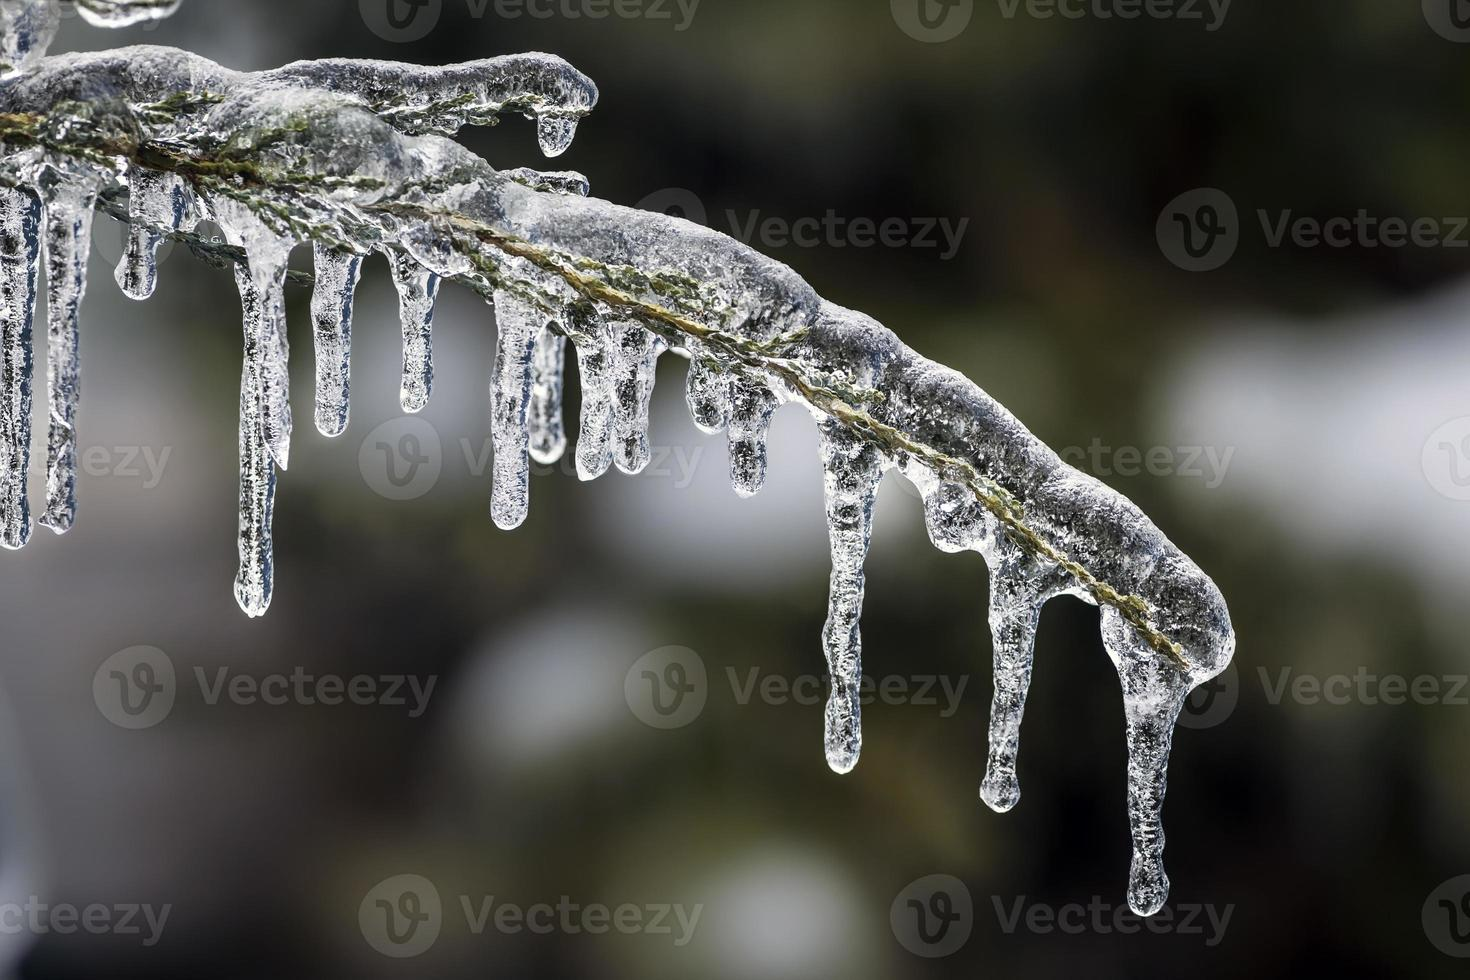 pingentes no ramo de inverno foto